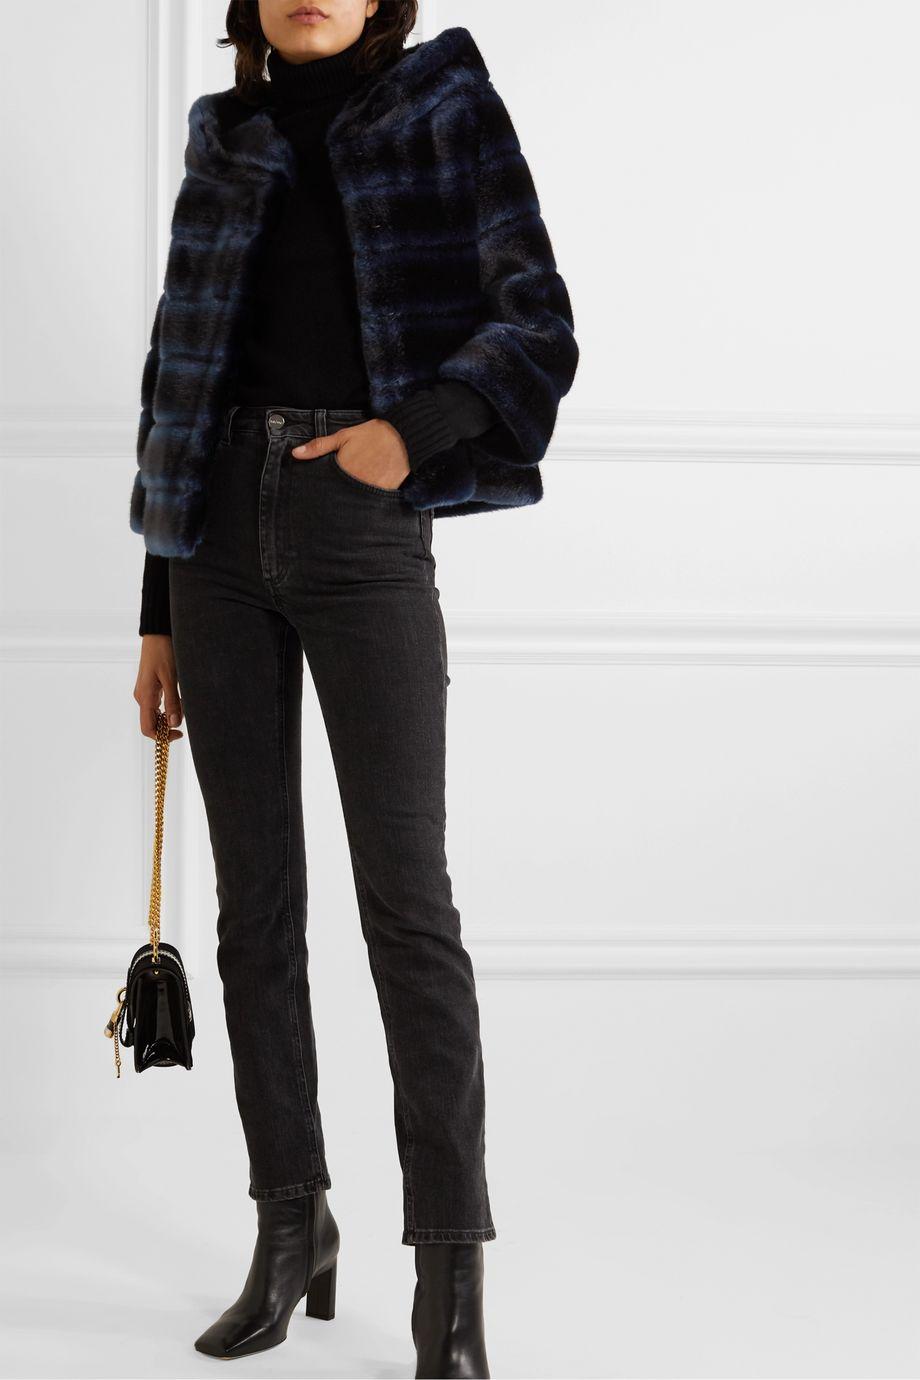 Faz Not Fur Swinger striped faux fur jacket